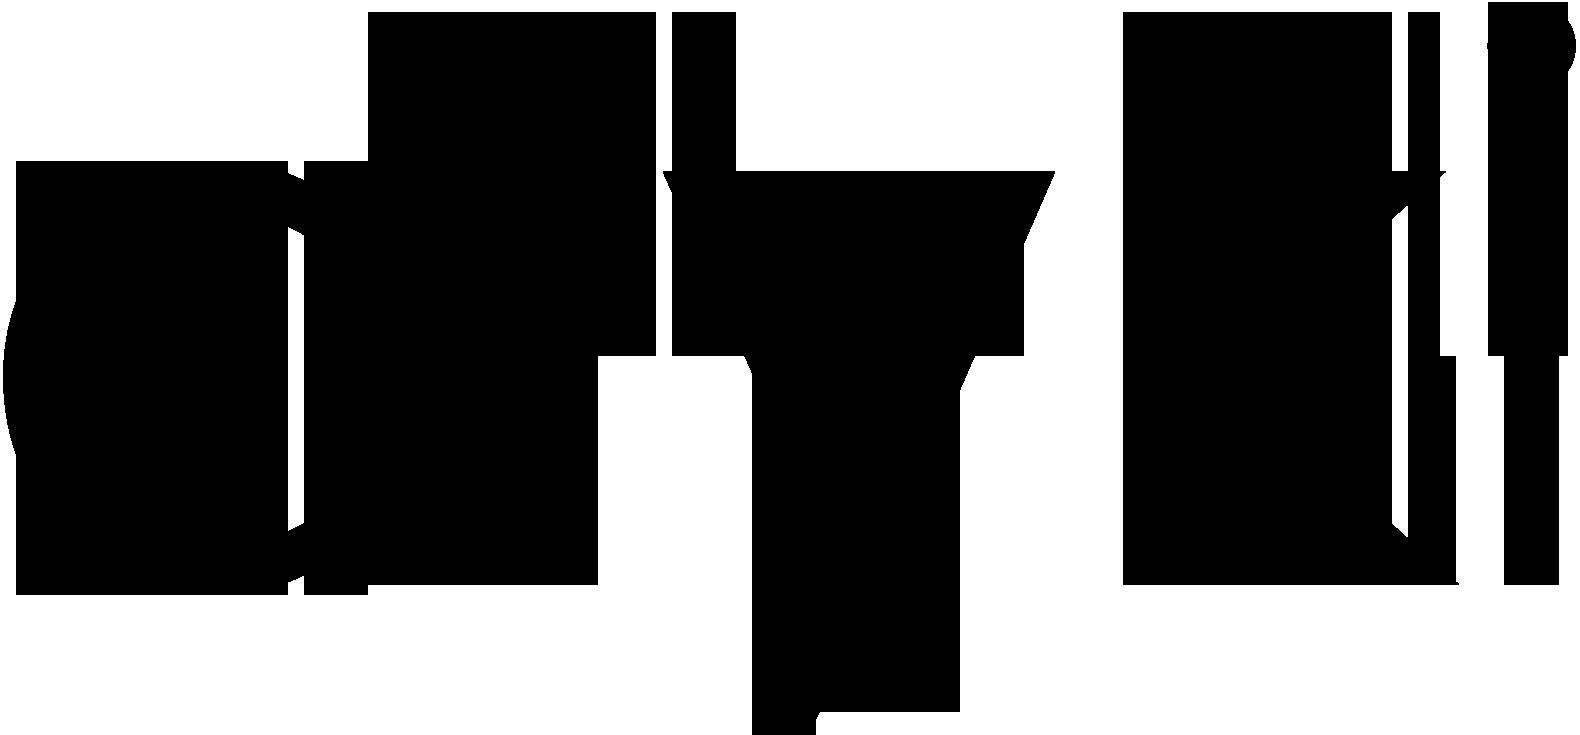 Biobzzlfahfgofp81ncm